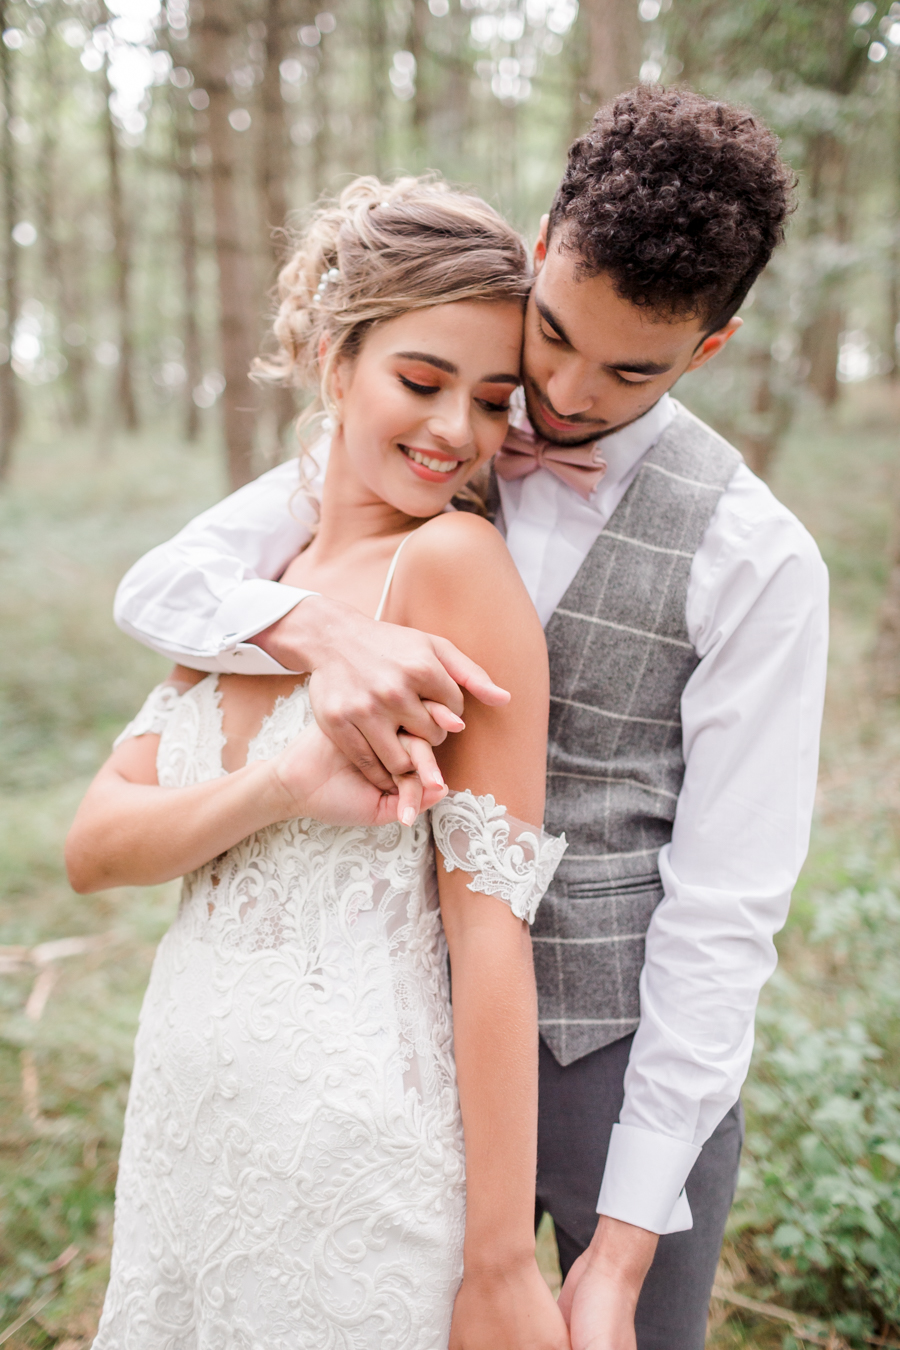 Hertfordshire Boho Themed Styled Wedding Shoot, photographer credit Absolute Photo UK (43)